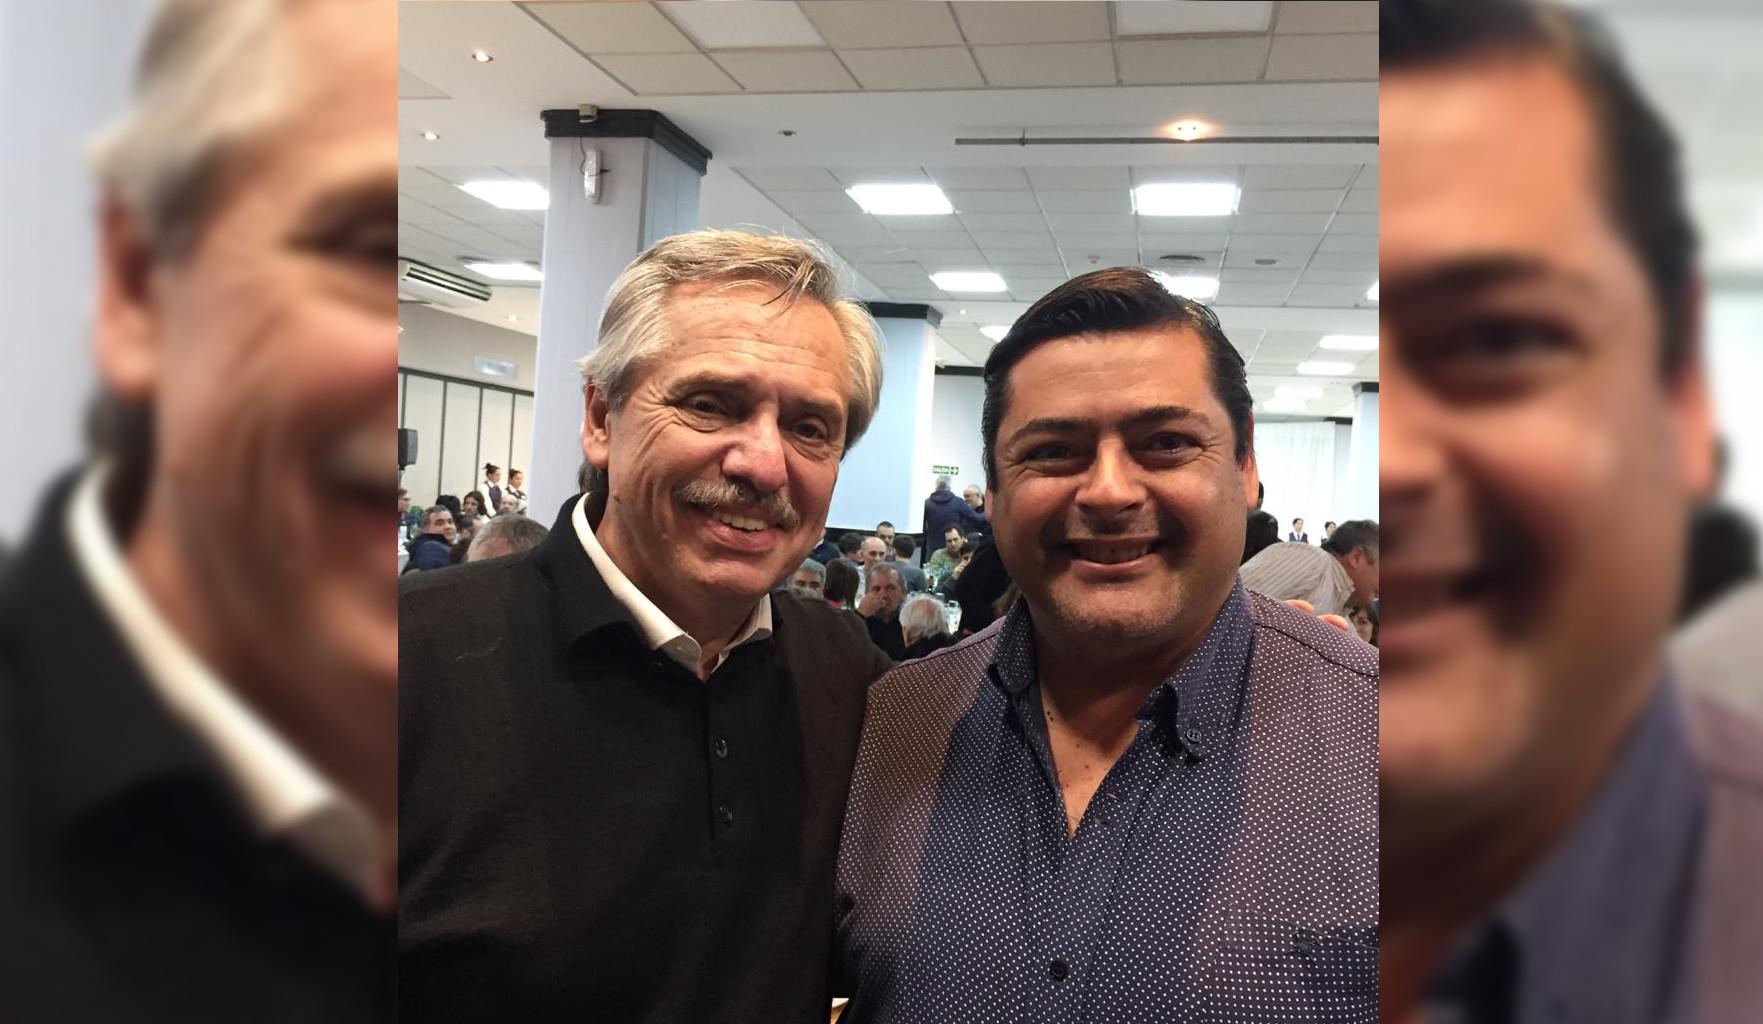 Marcelo Sosa único candidato de Mar Chiquita invitado a la cena con Alberto Fernández y Axel Kicillof